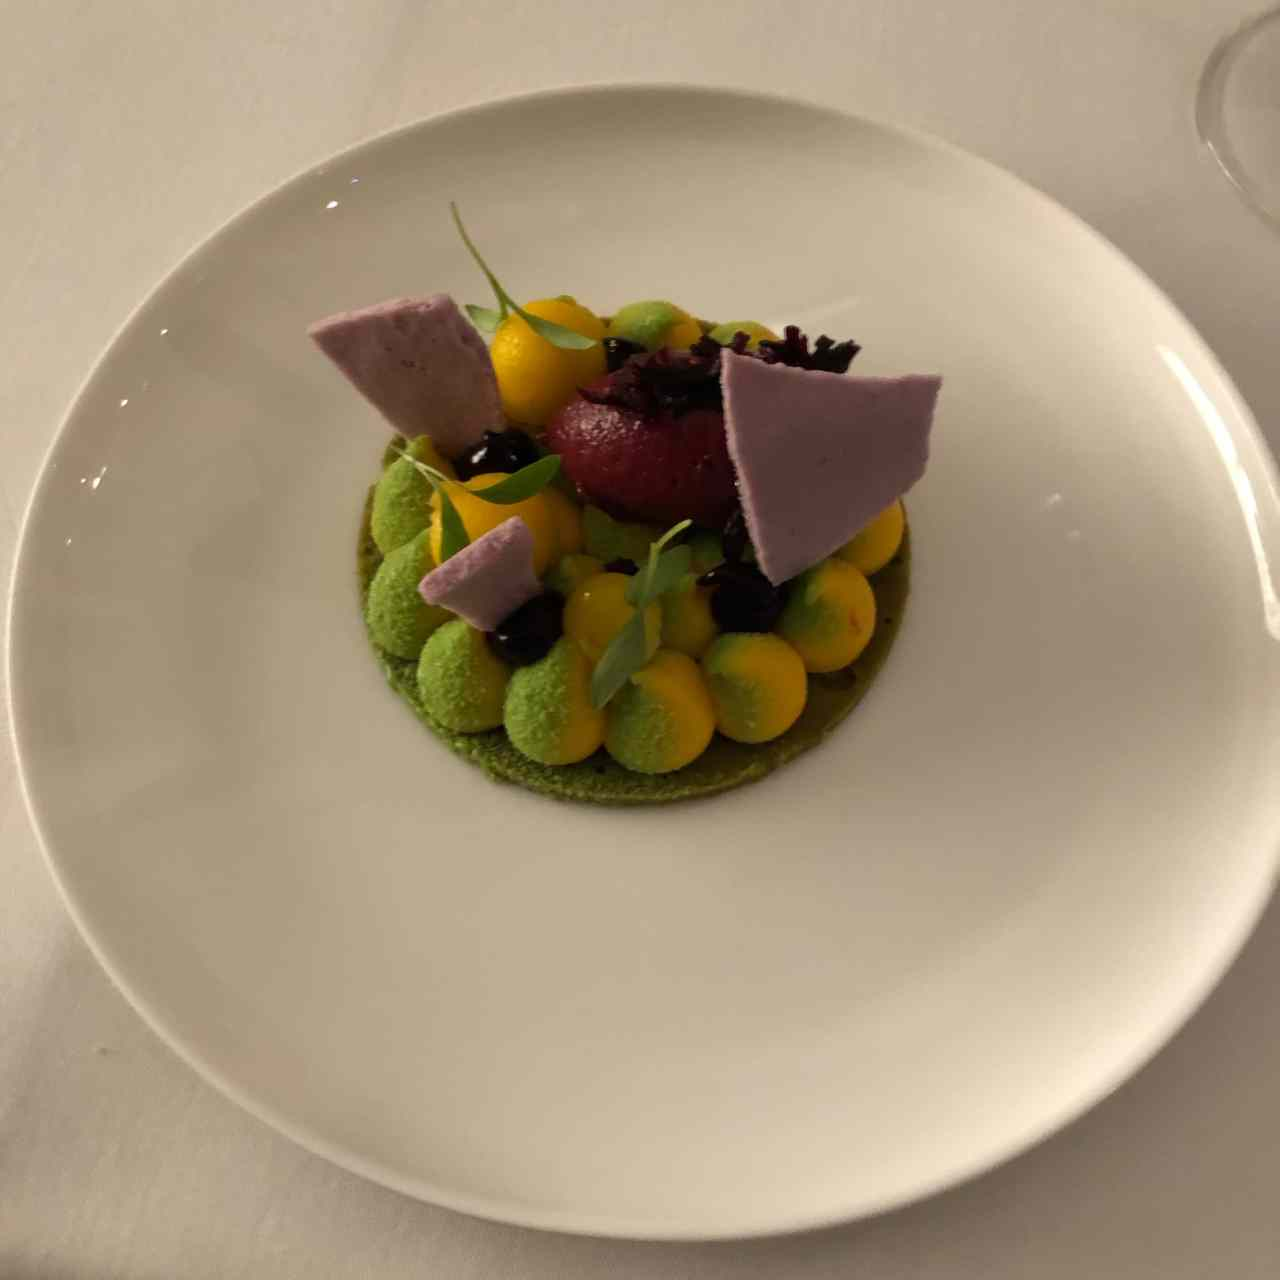 Ox & Klee vegetarian tasting menu dessert